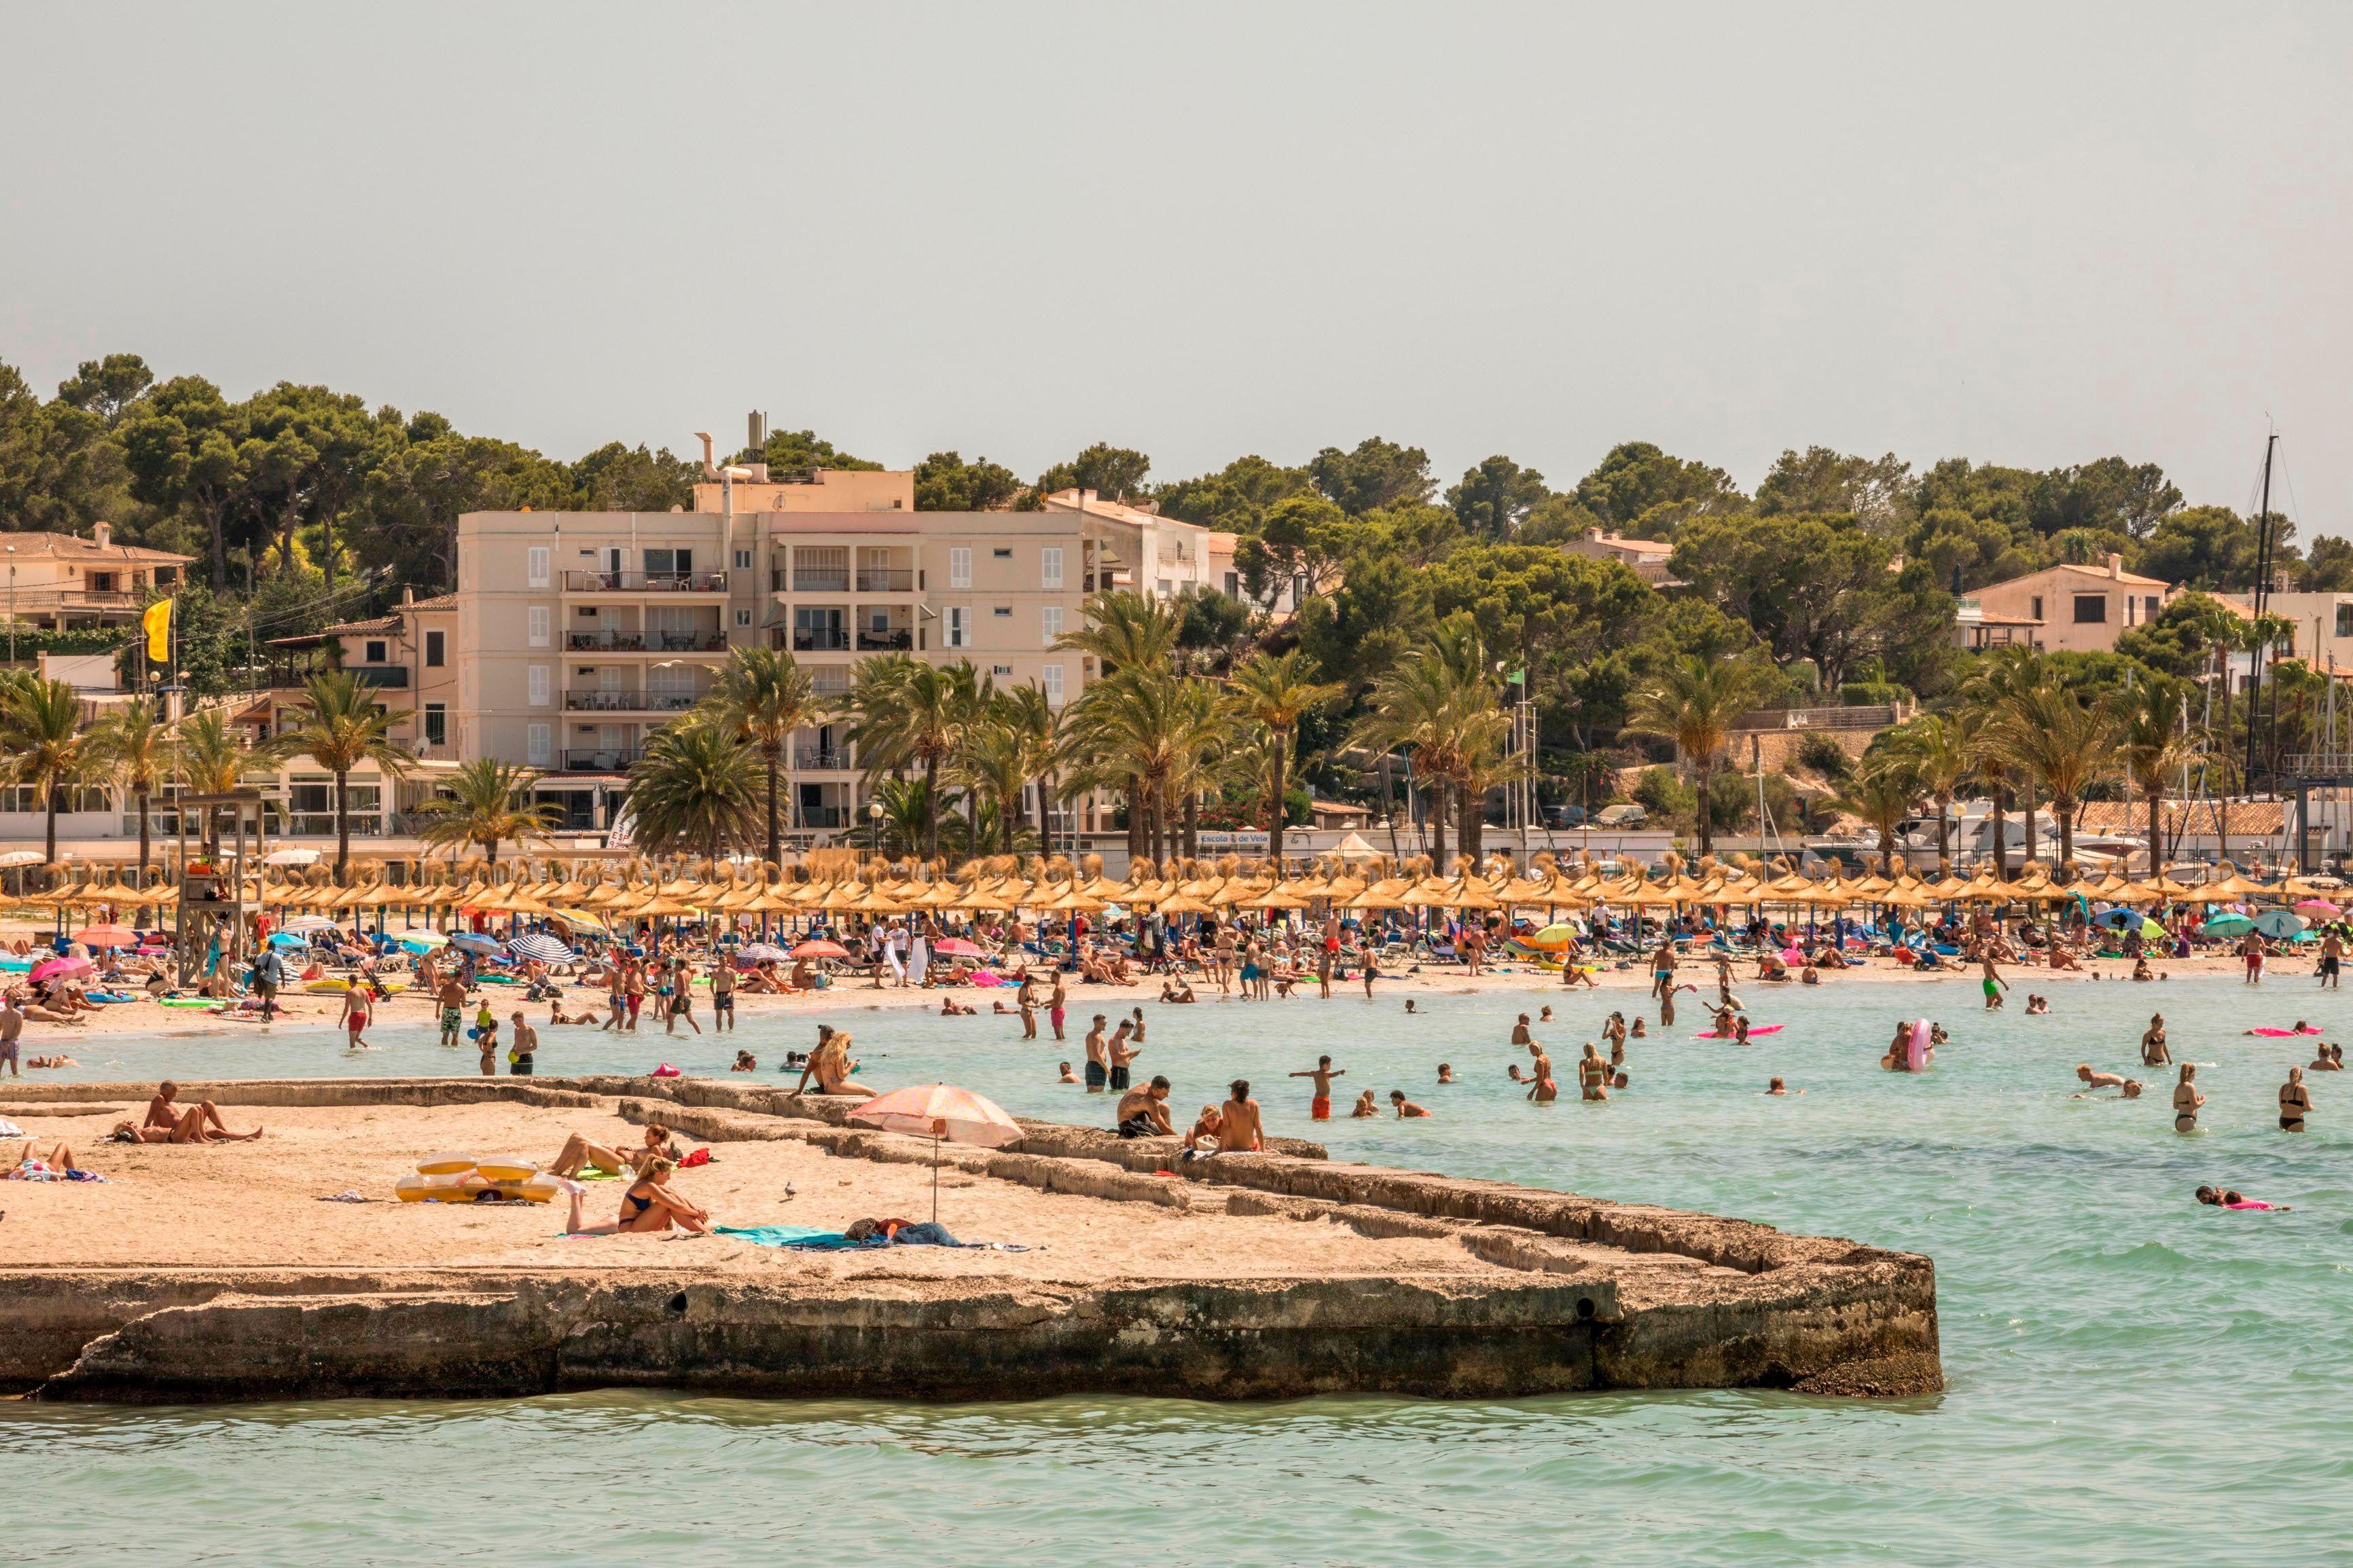 Immer mehr Deutsche stecken sich im Urlaub mit Corona an: Spanien besonders betroffen